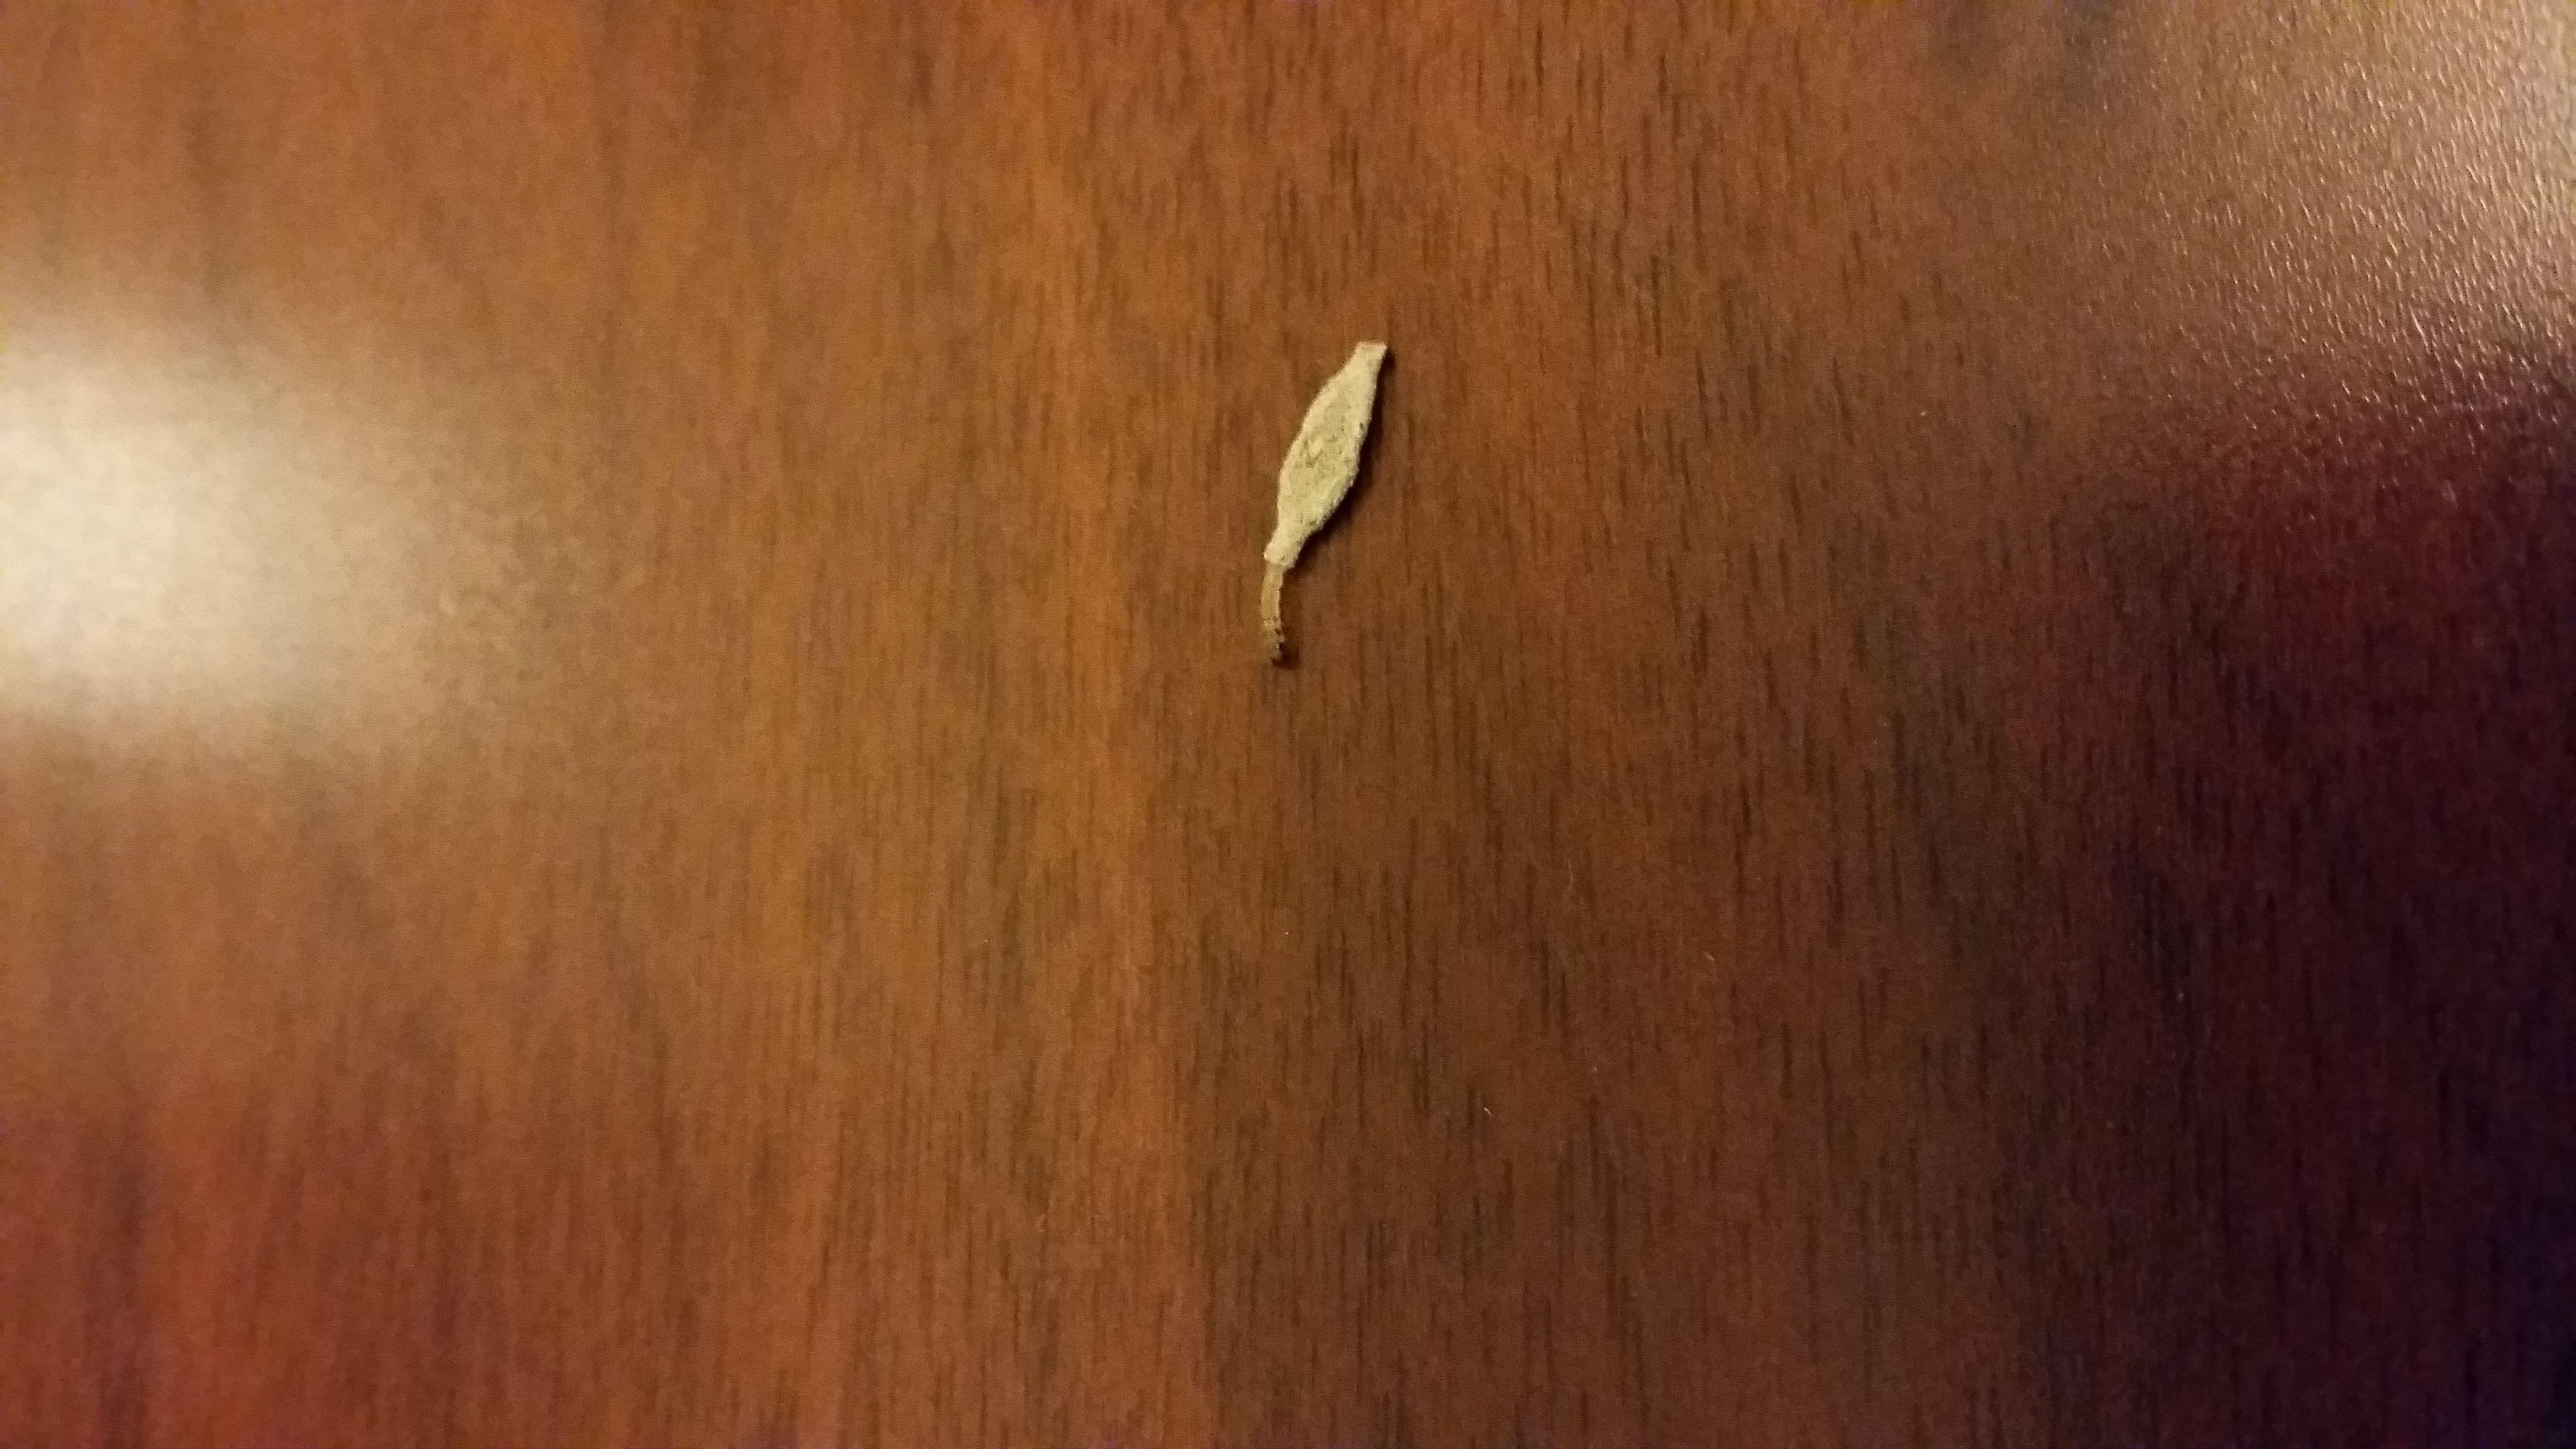 我在家里木地板上,發現有幾處這白蛾蝙蛹小蟲,白蟻又不象,請問是什么圖片